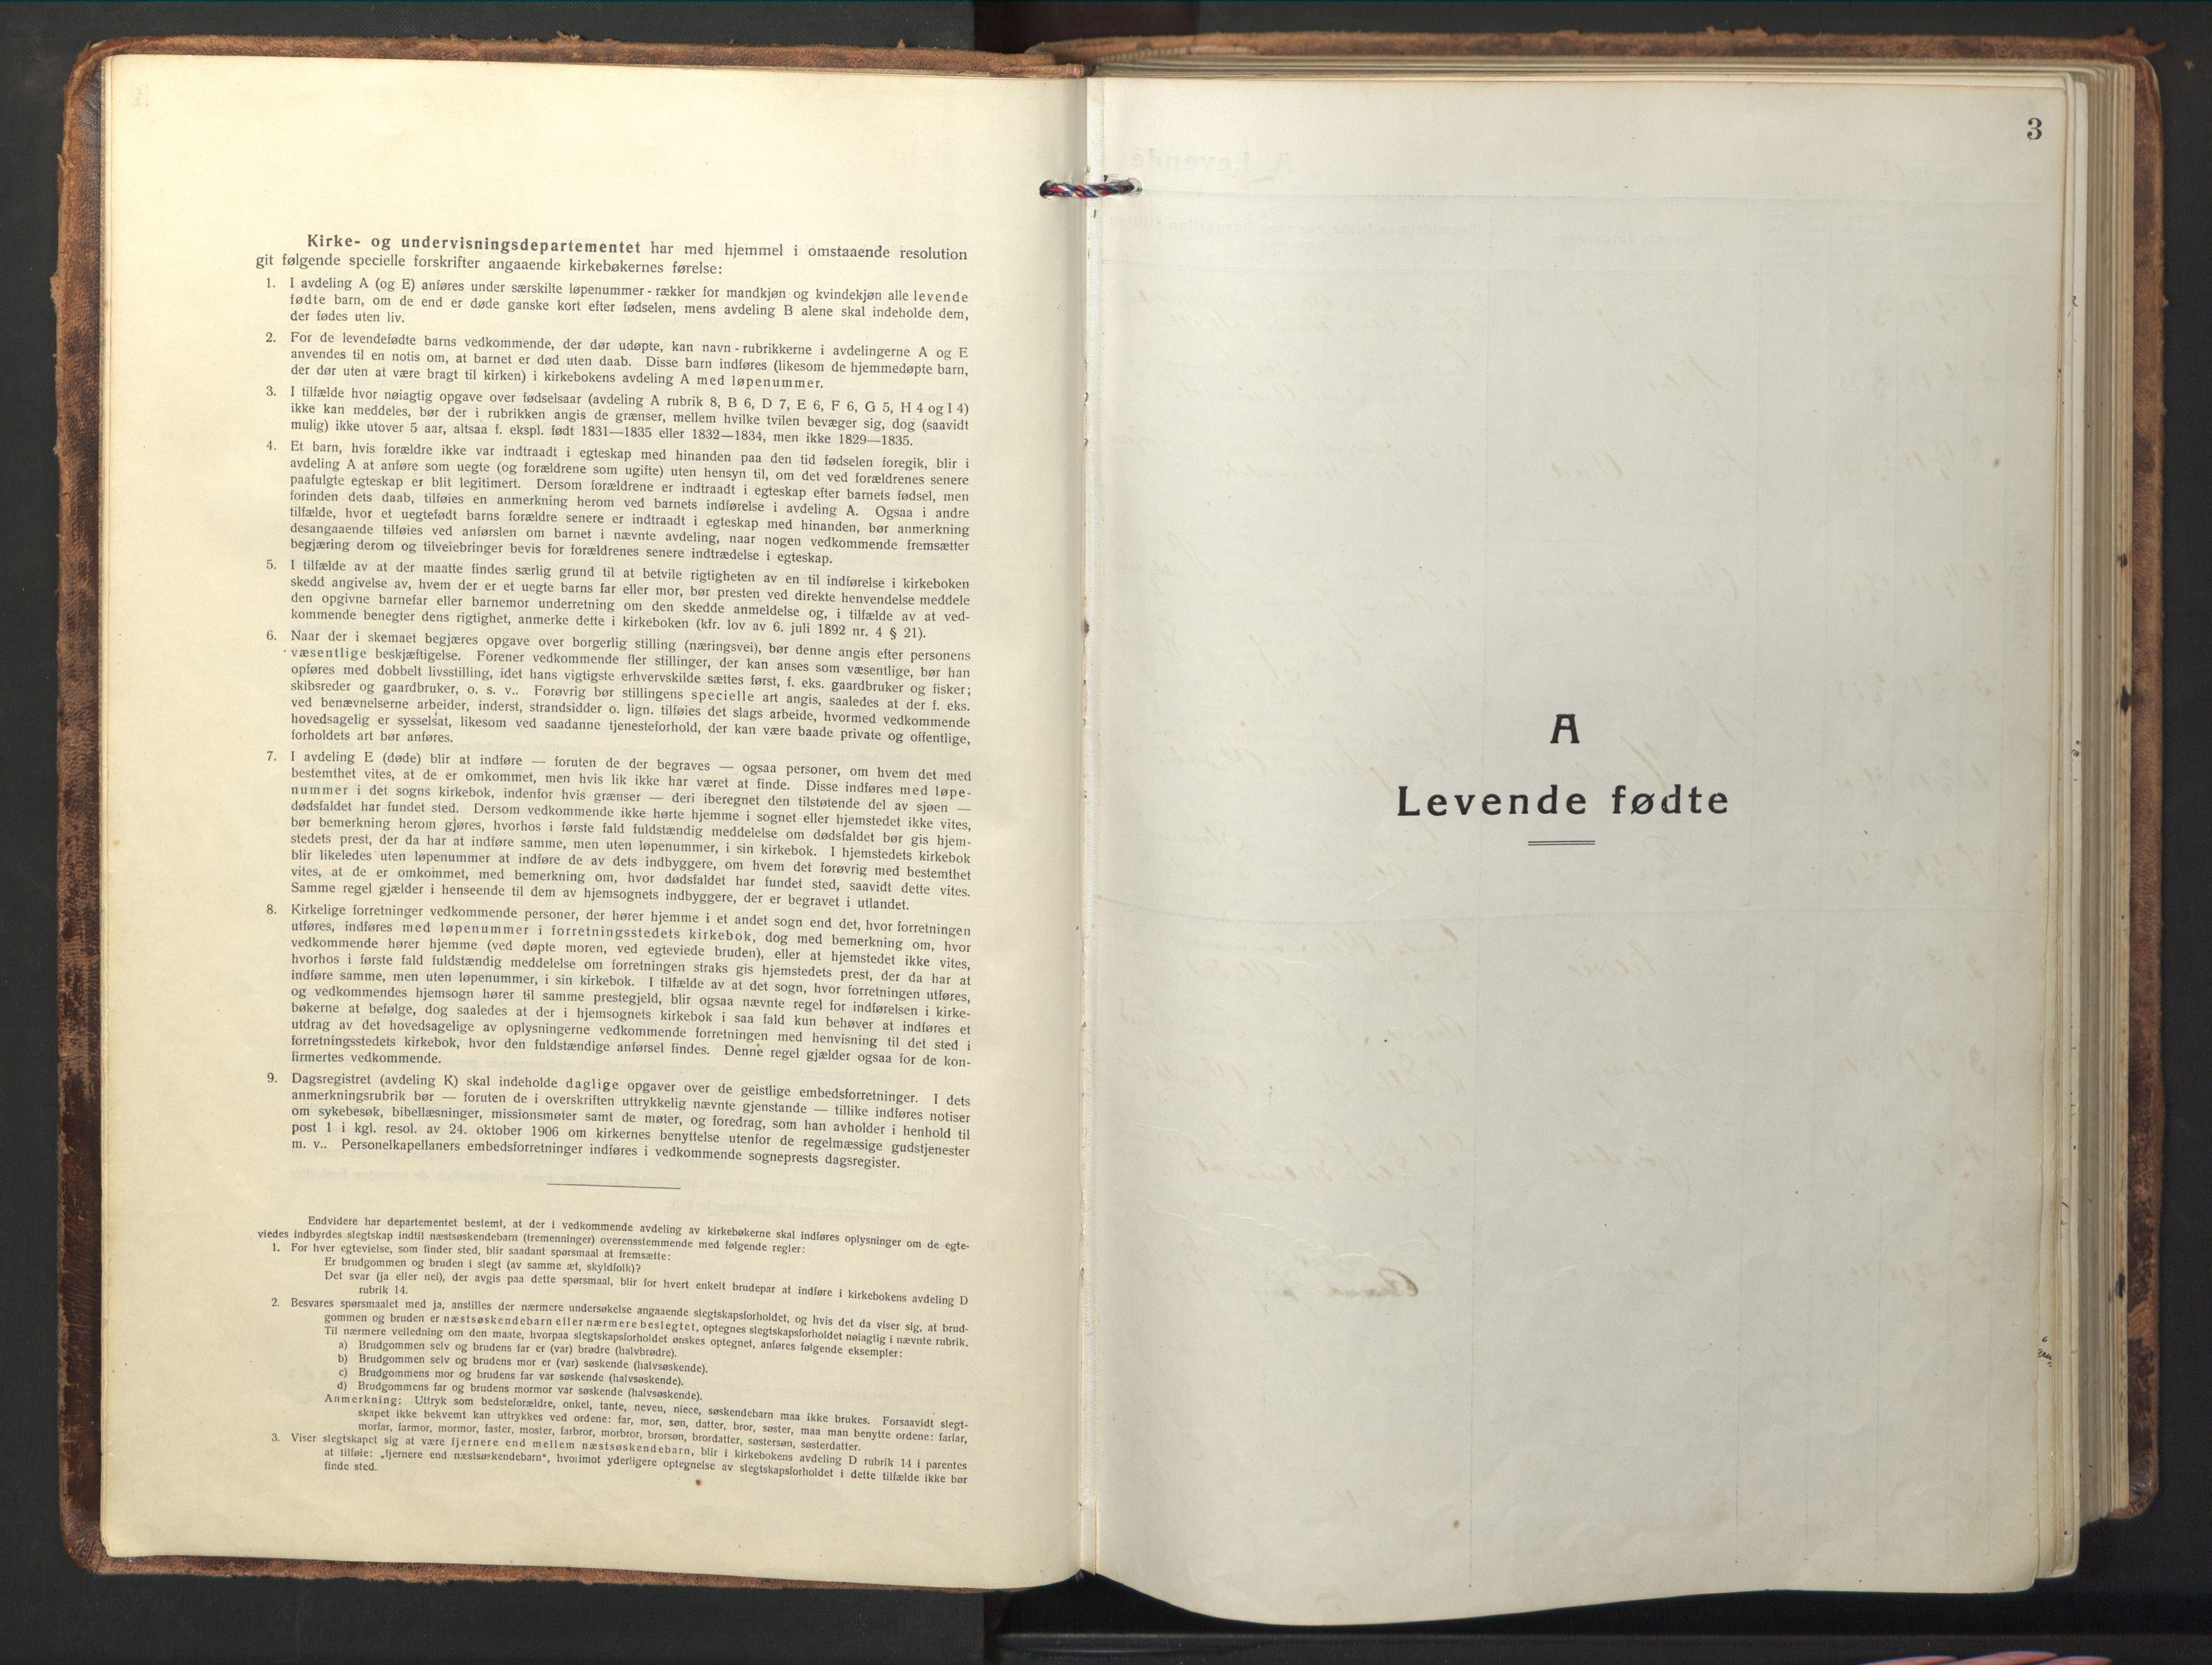 SAT, Ministerialprotokoller, klokkerbøker og fødselsregistre - Nord-Trøndelag, 714/L0136: Klokkerbok nr. 714C05, 1918-1957, s. 3